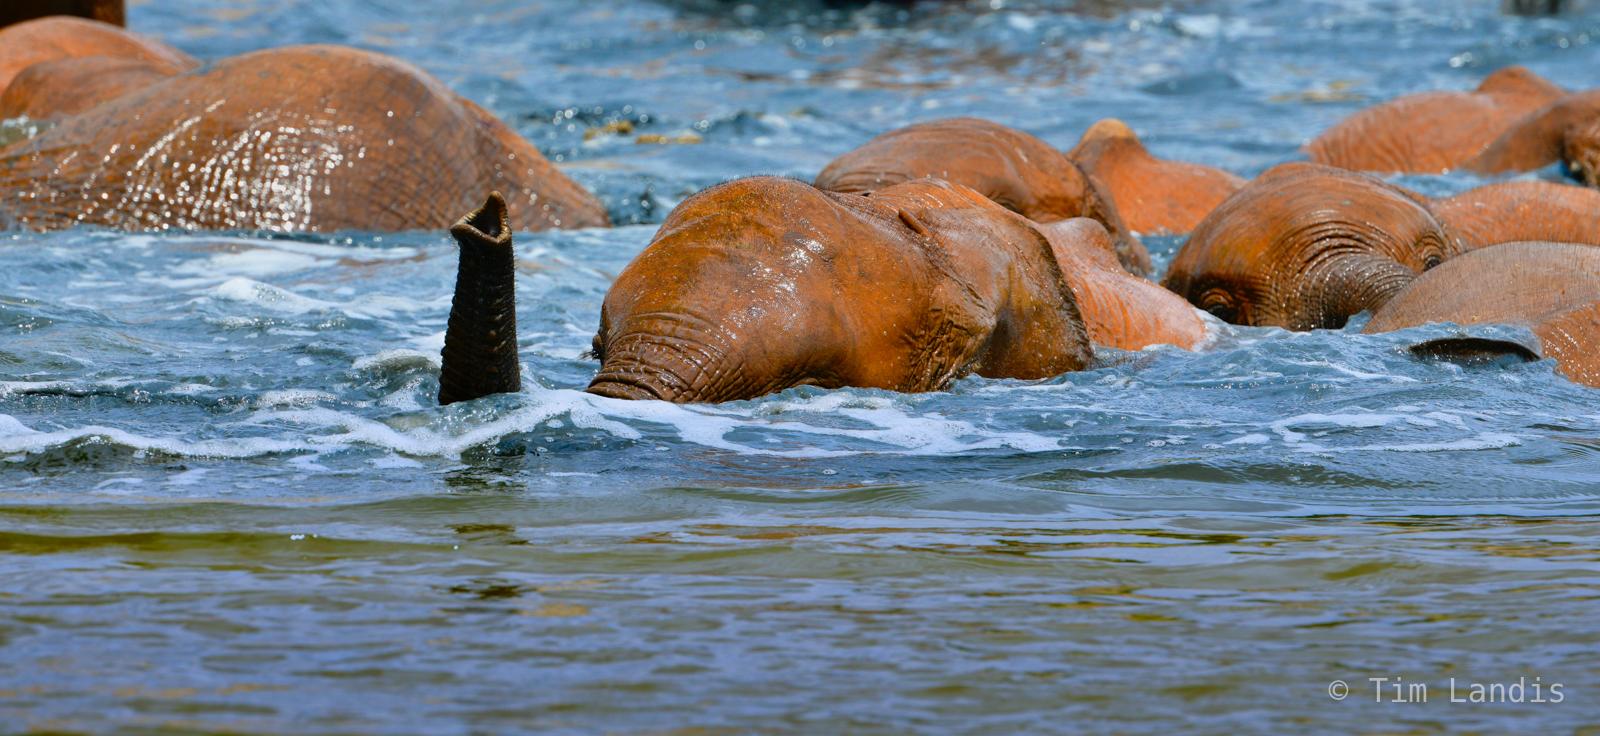 Baby elephants swimming, bathing beauties, elephant scuba, f, ithumba, kenya, periscope up, snorkeling, photo